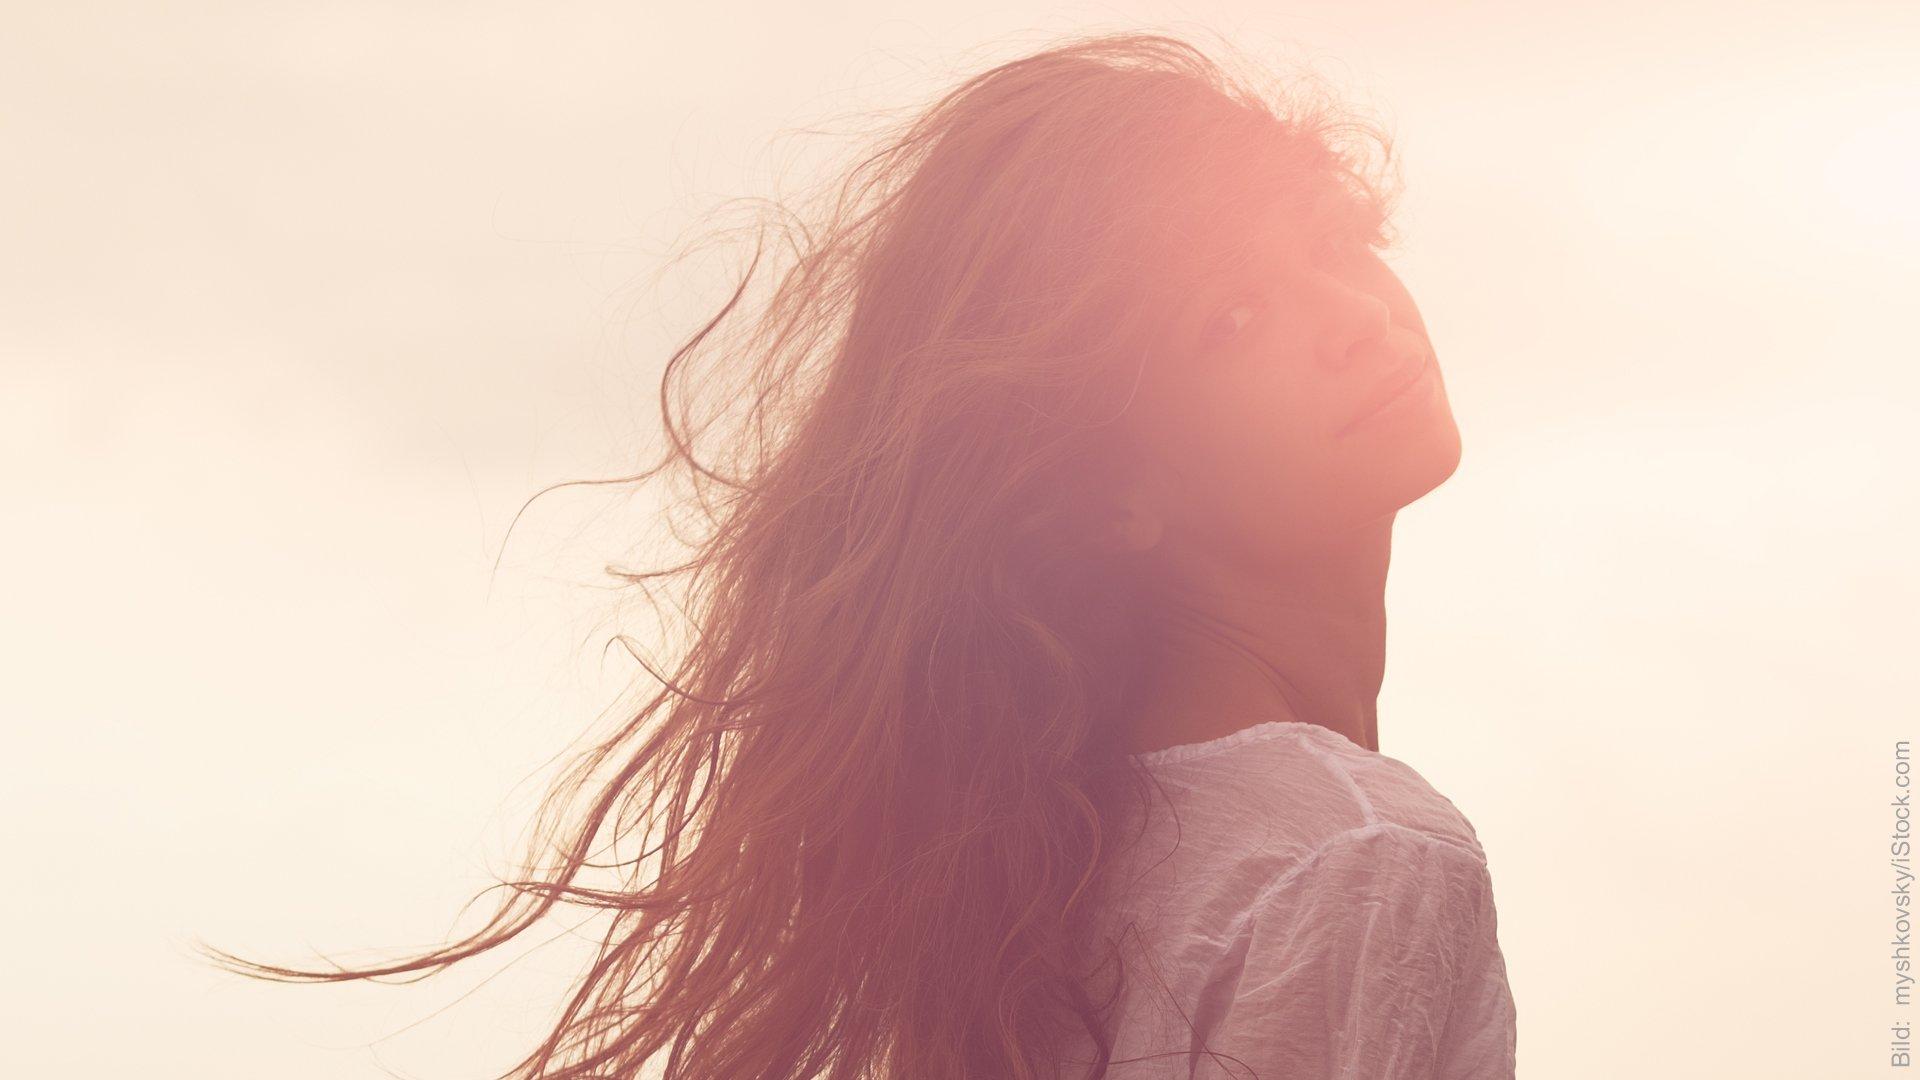 Neurowissenschaft in der Paartherapie. Frau im Gegenlicht. Sie blickt über ihre Schulter, ihre langen Haare wehen im Wind.